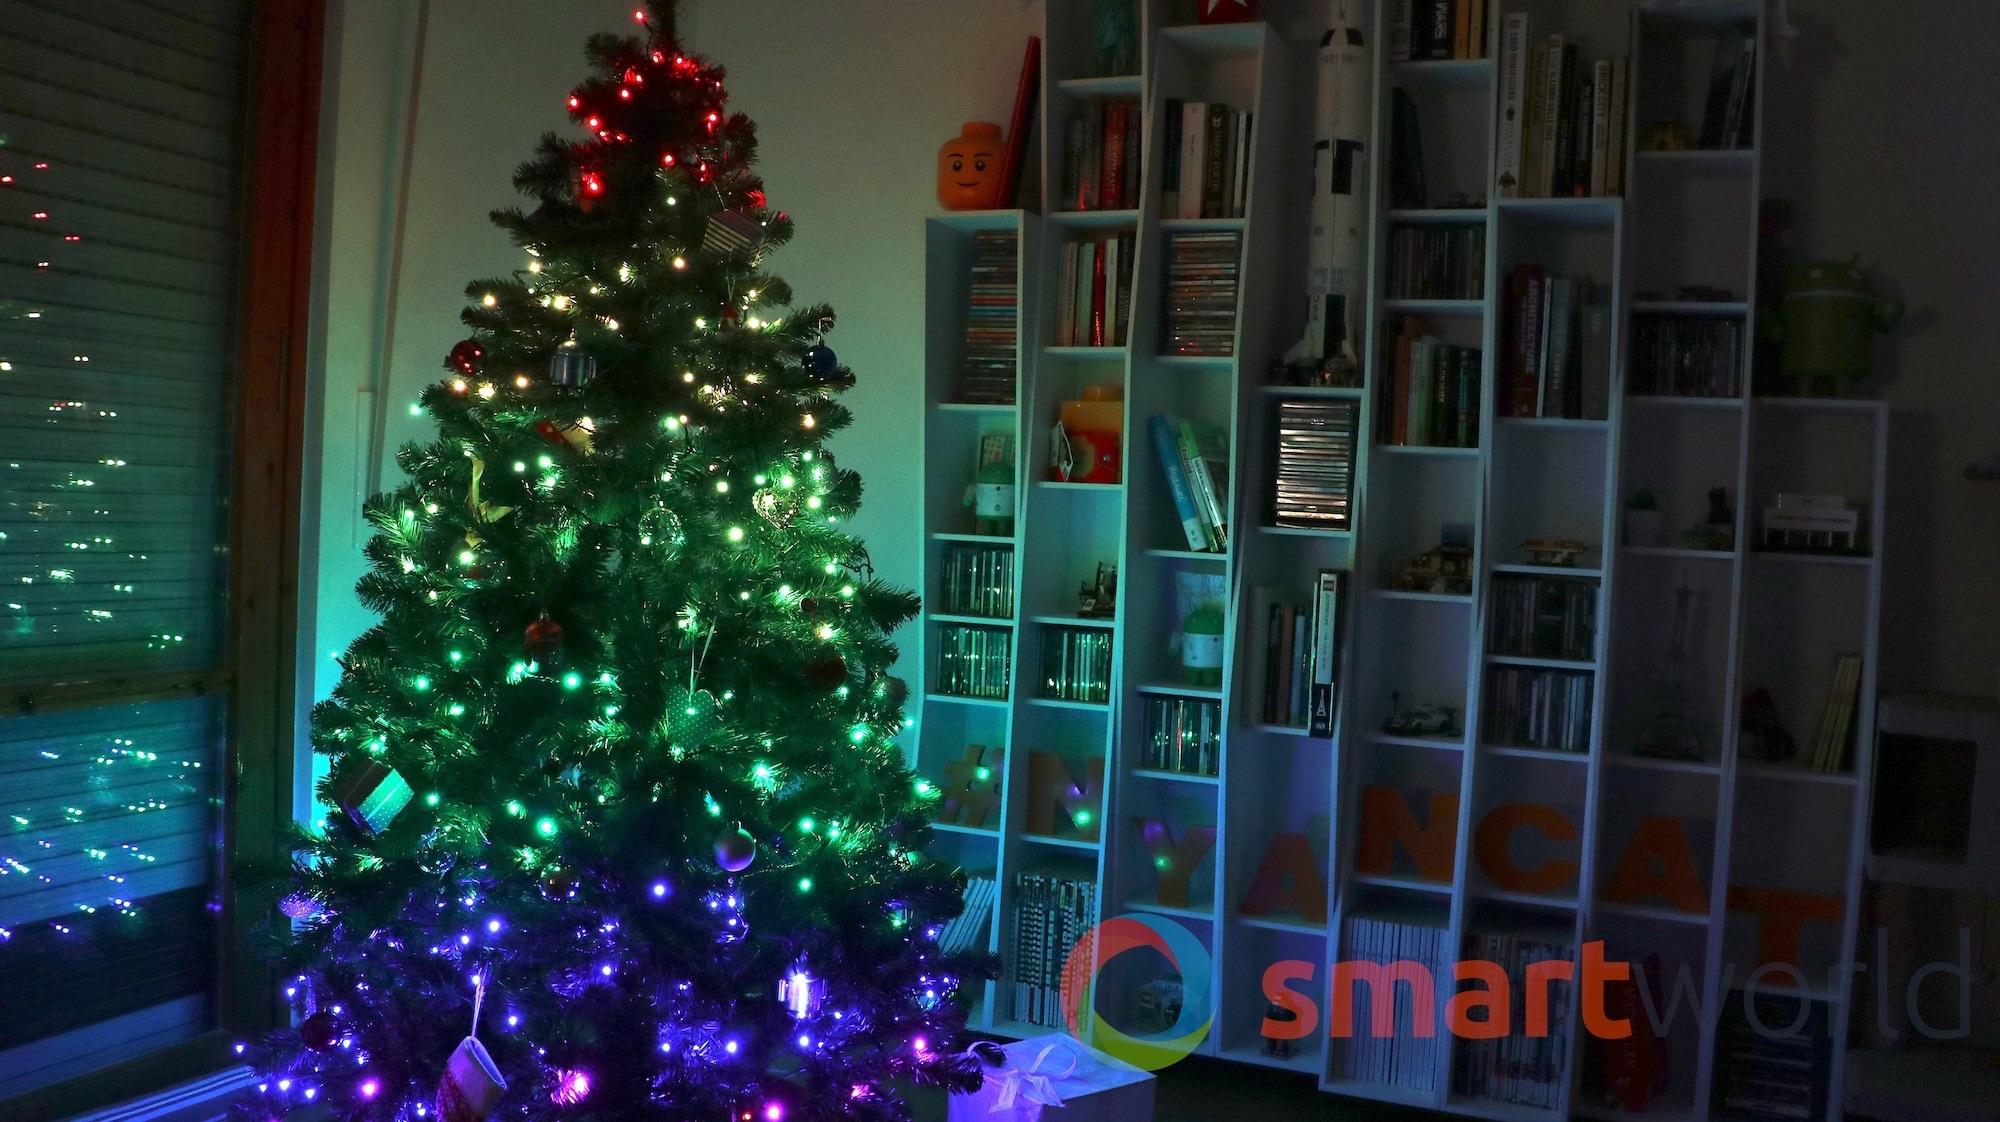 Luci per albero di natale smart twinkly la recensione foto e